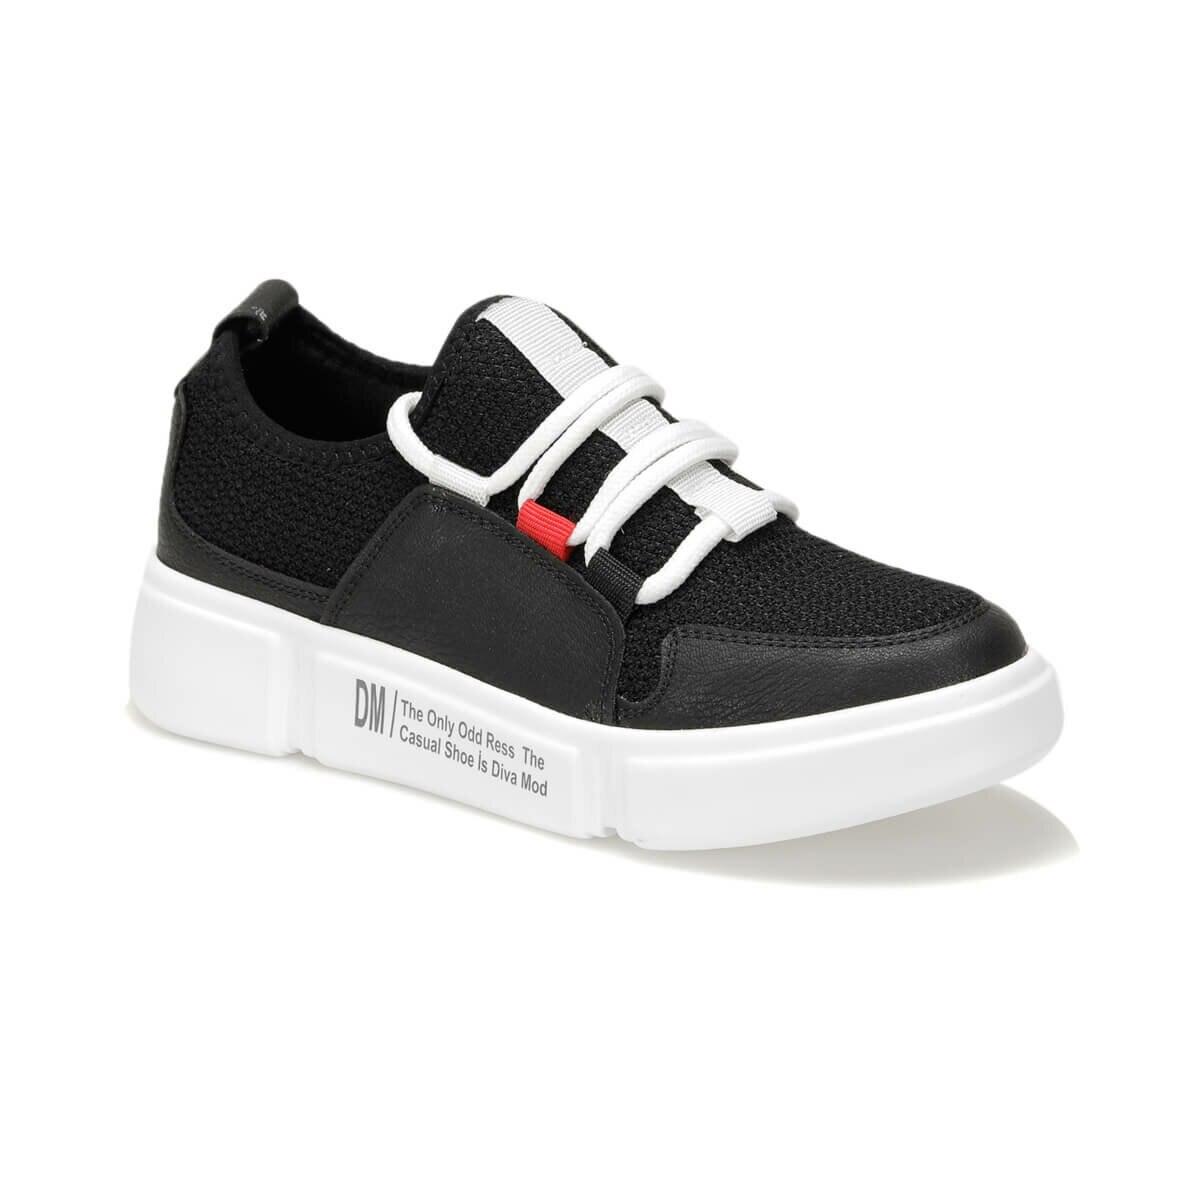 FLO CHEN85Z Black Women 'S Sneaker Shoes BUTIGO